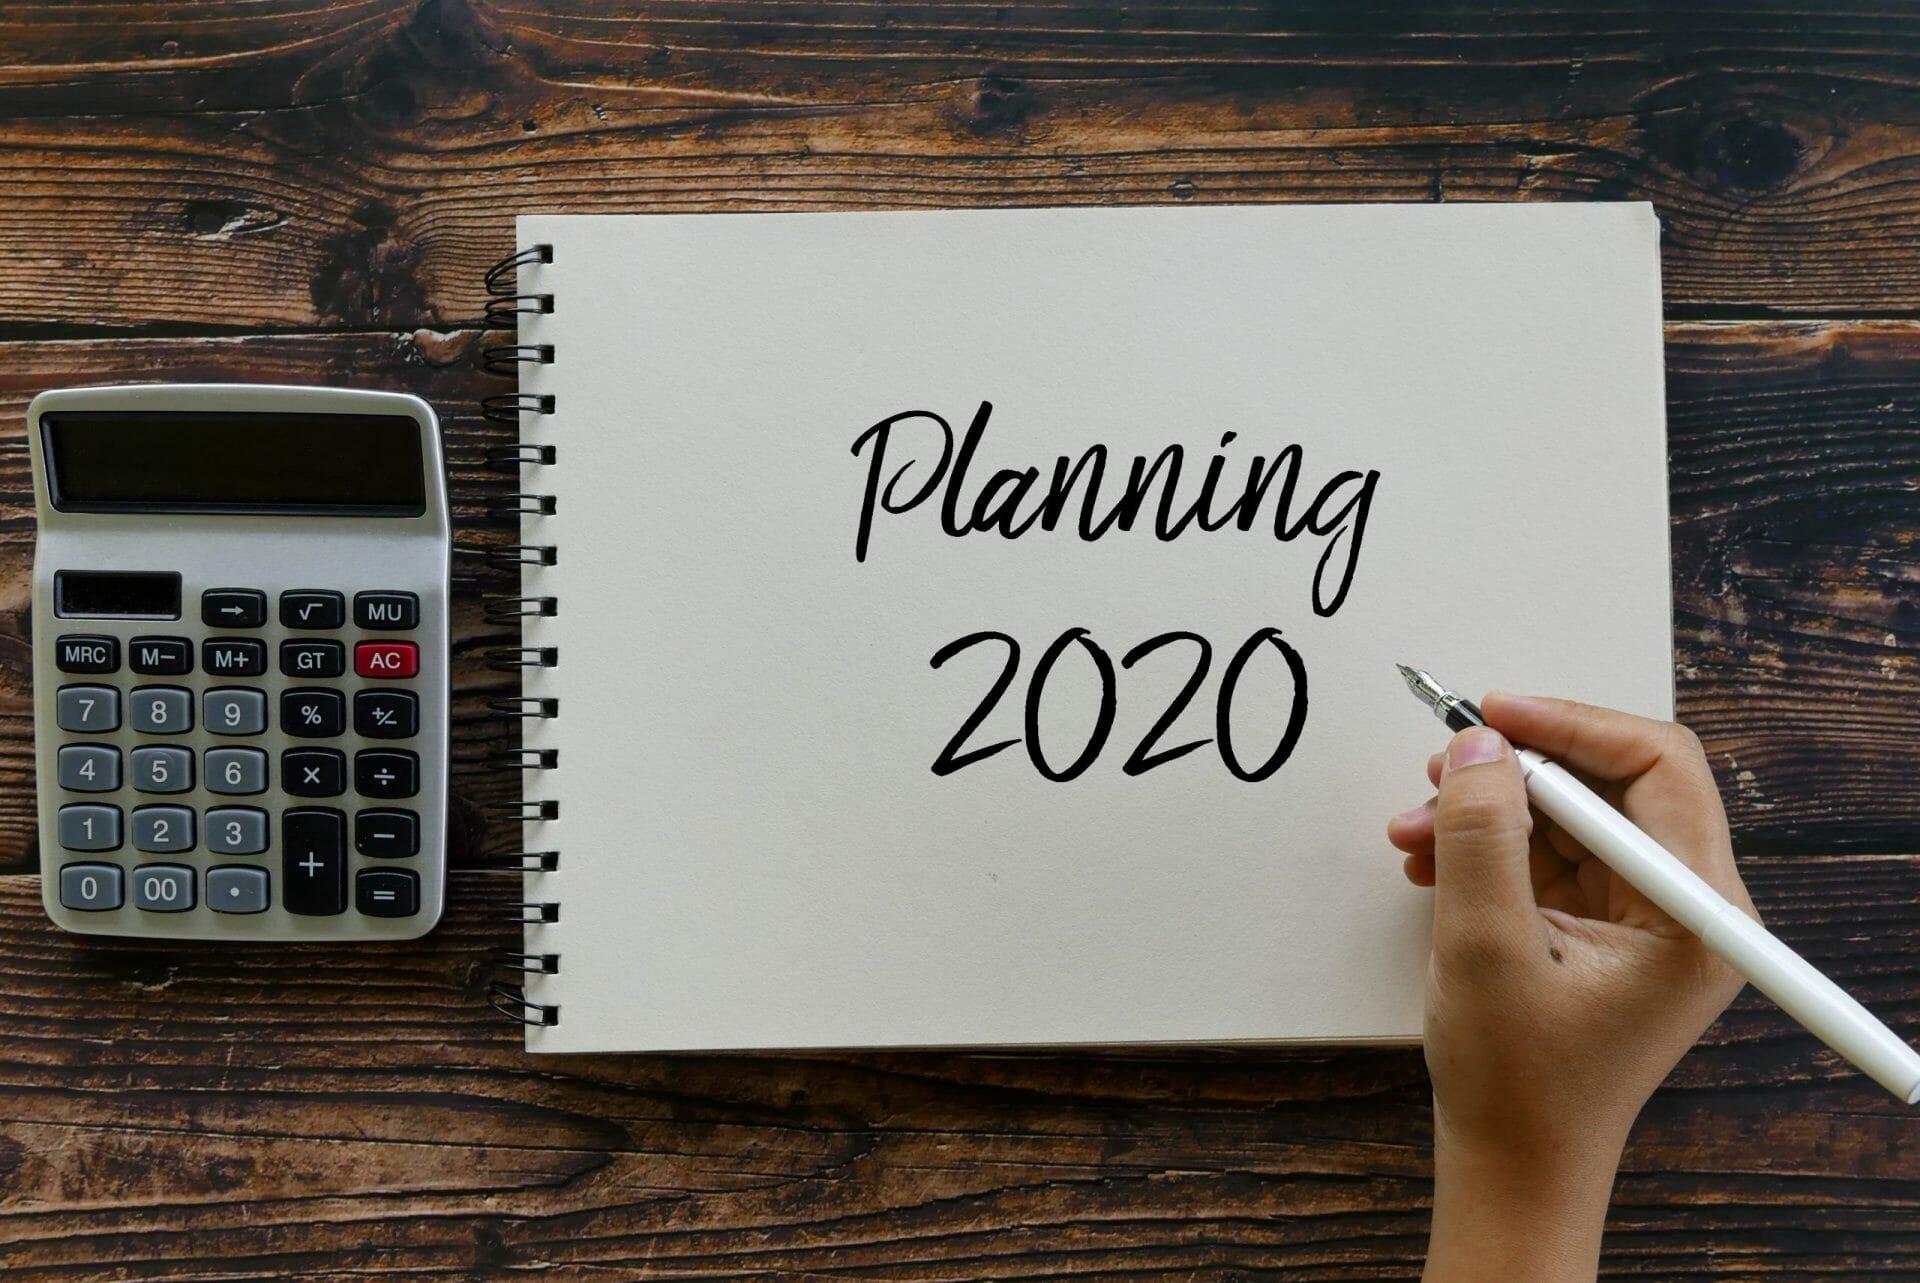 planning 2020